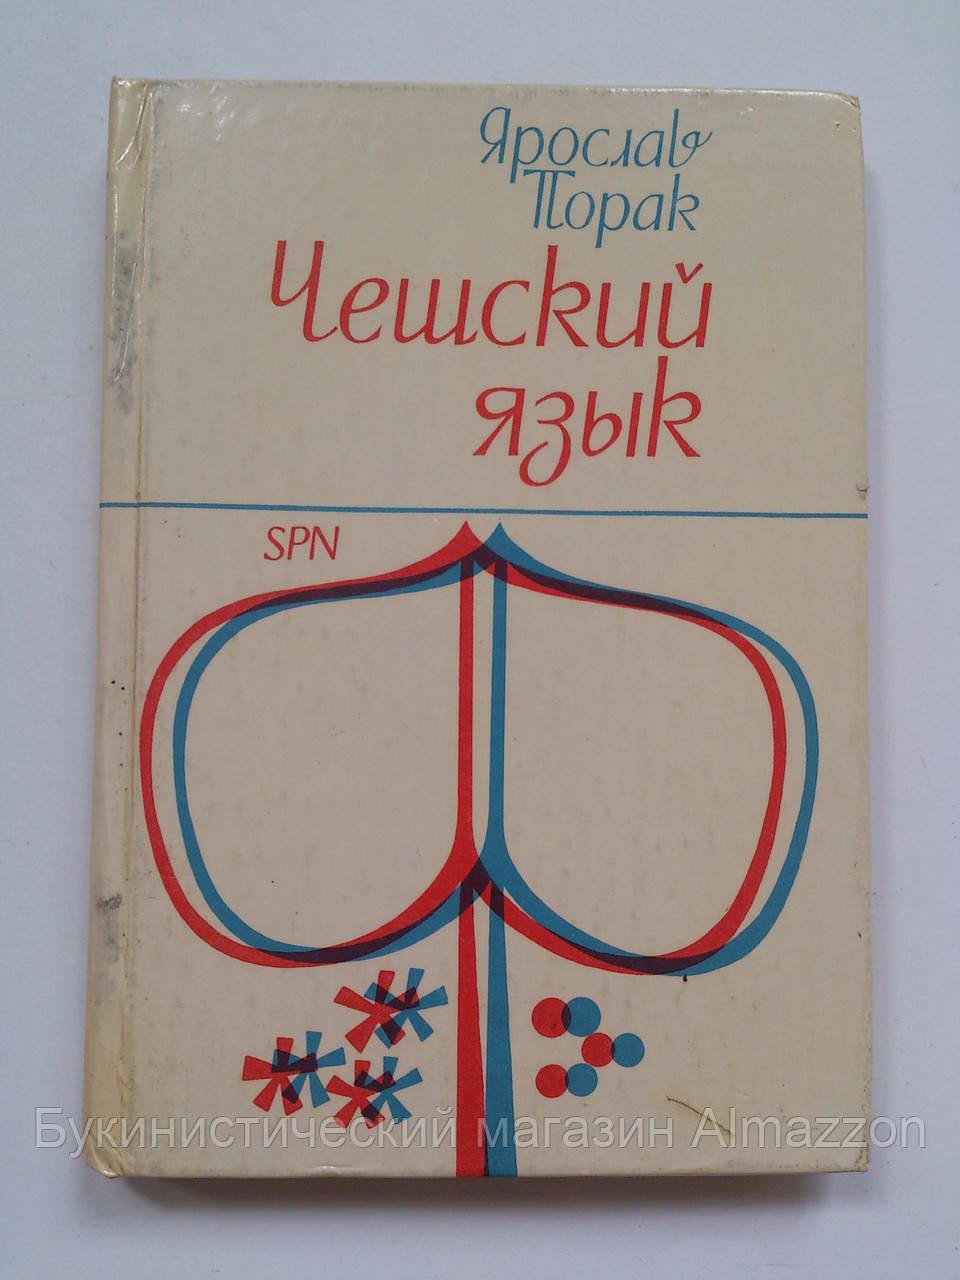 Чешский язык. Учебник для начинающих. Ярослав Порак, фото 1